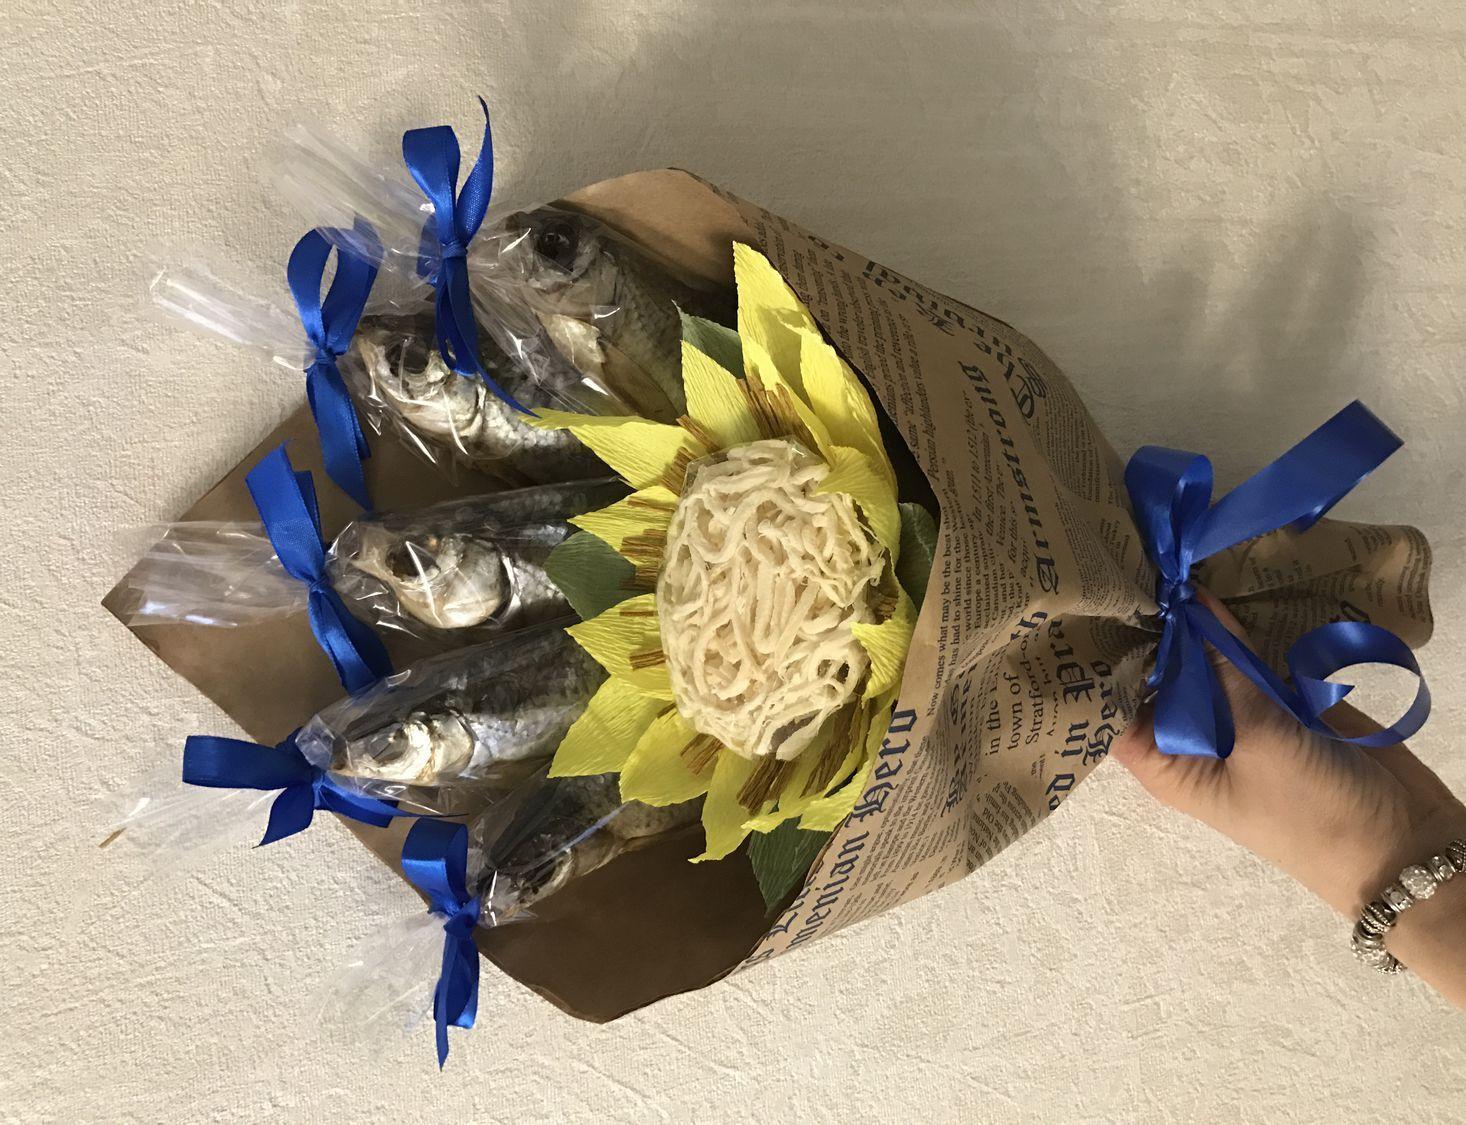 Букет для мужчины на день рождения из рыбы, дачная